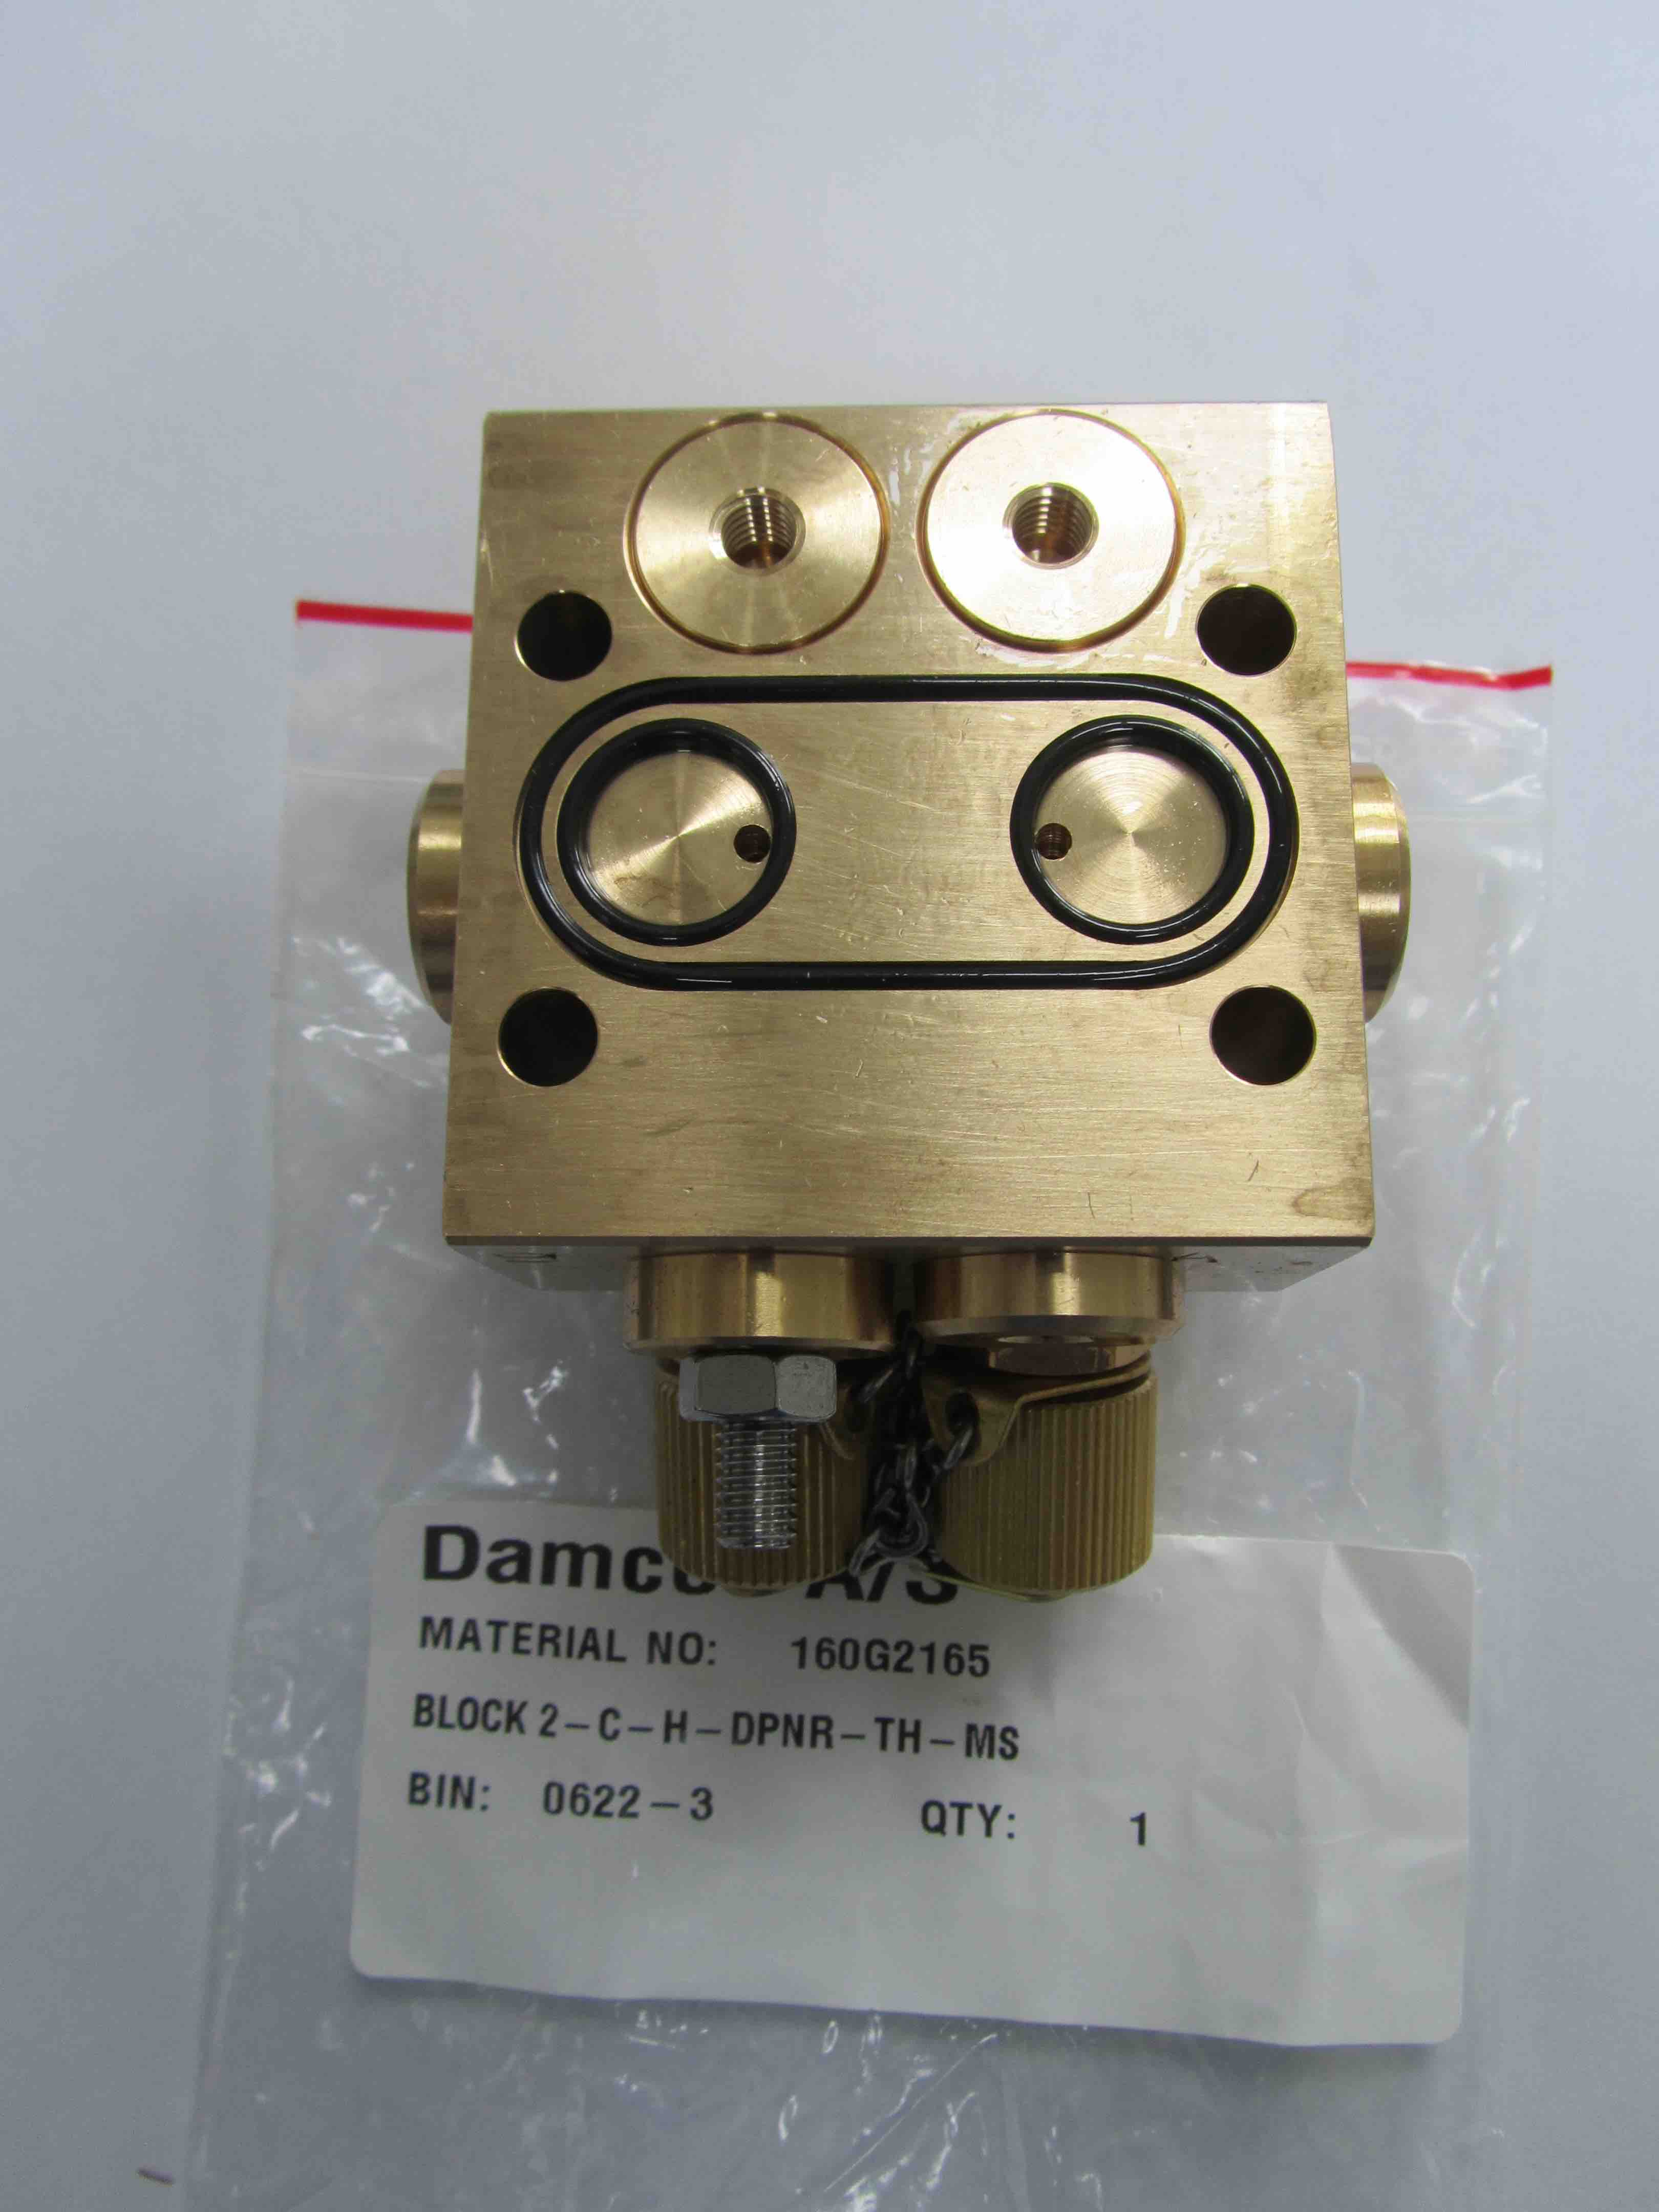 Damcos 2-C-H-DPNR-TH-MS